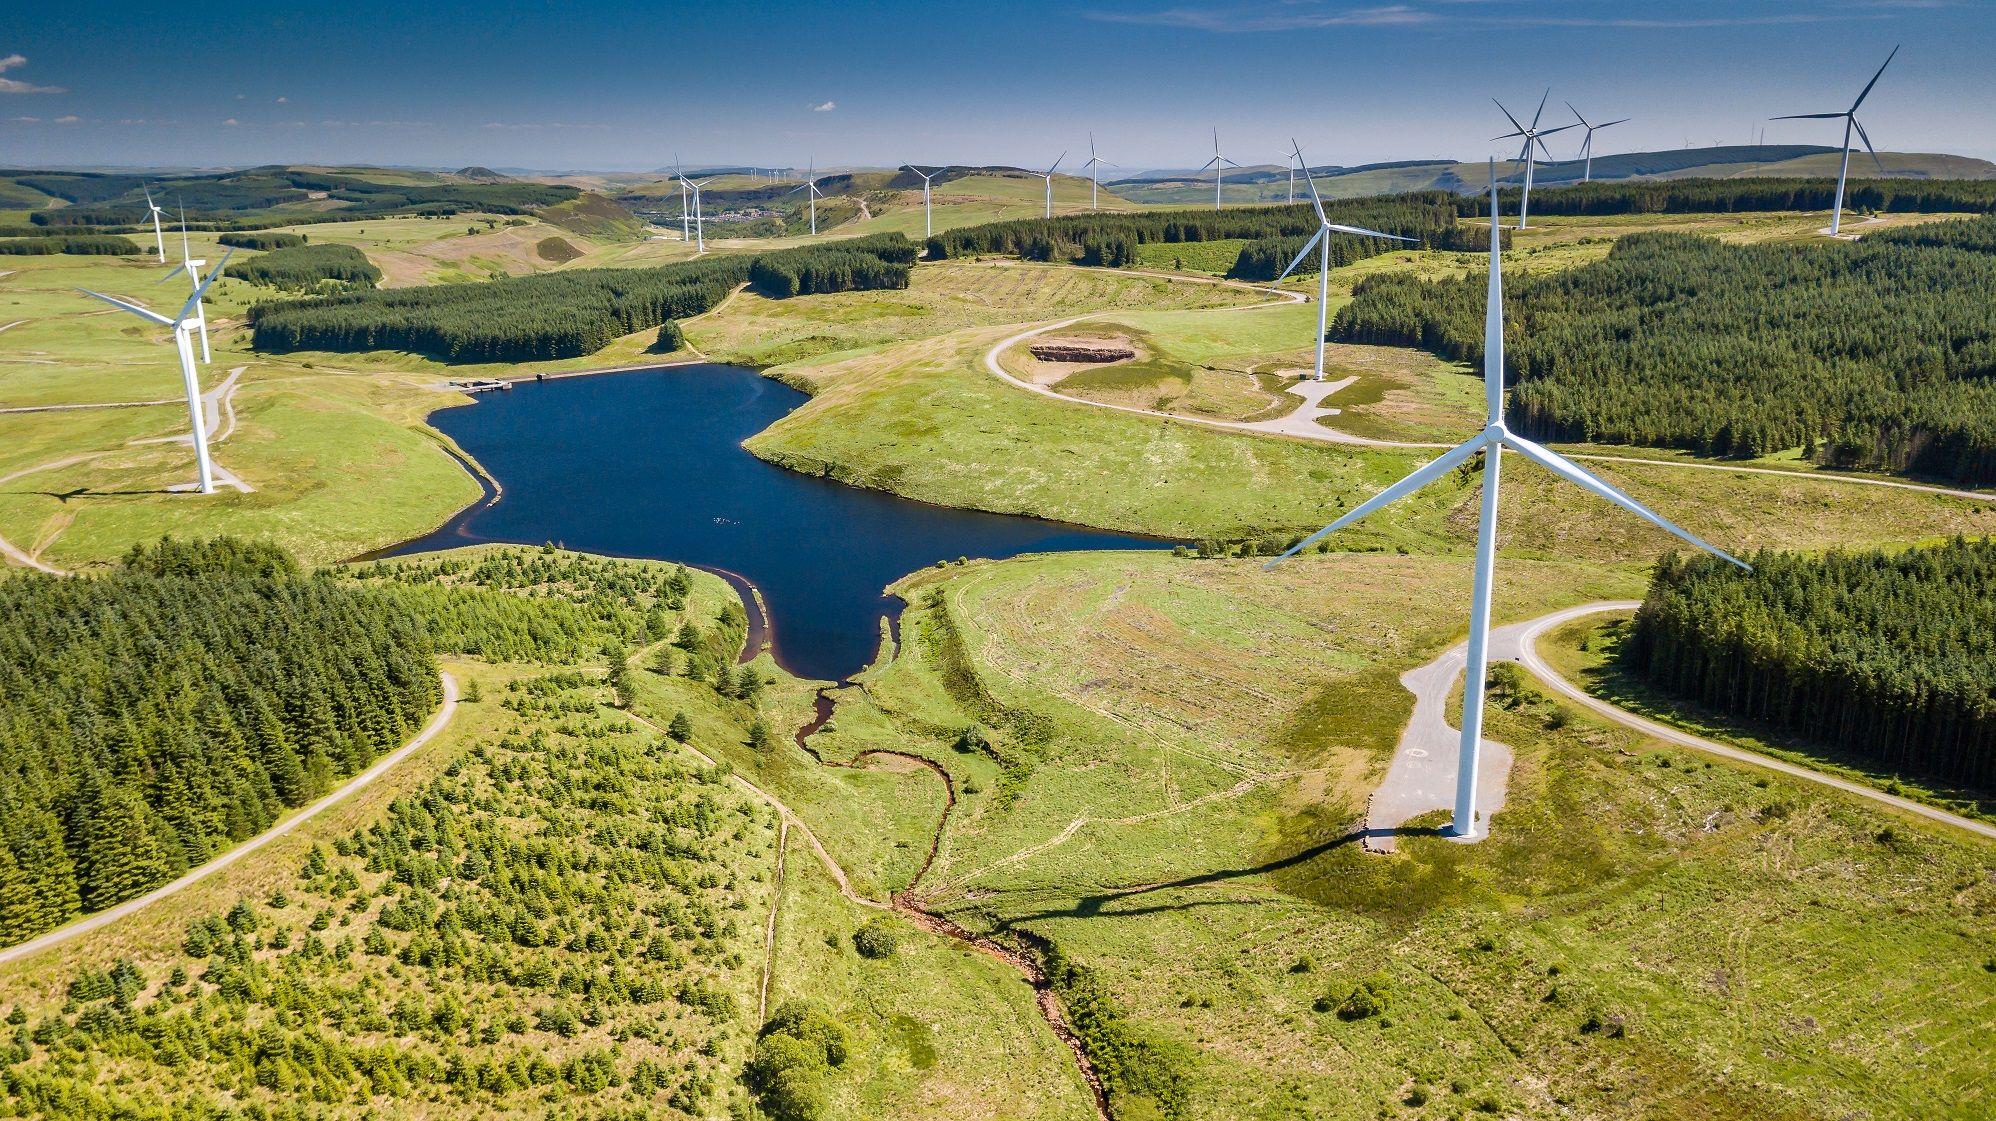 Pen_y_Cymoedd_Wales_UK_Wind_Farm_Turbines_XL_1996_1121_80_c1